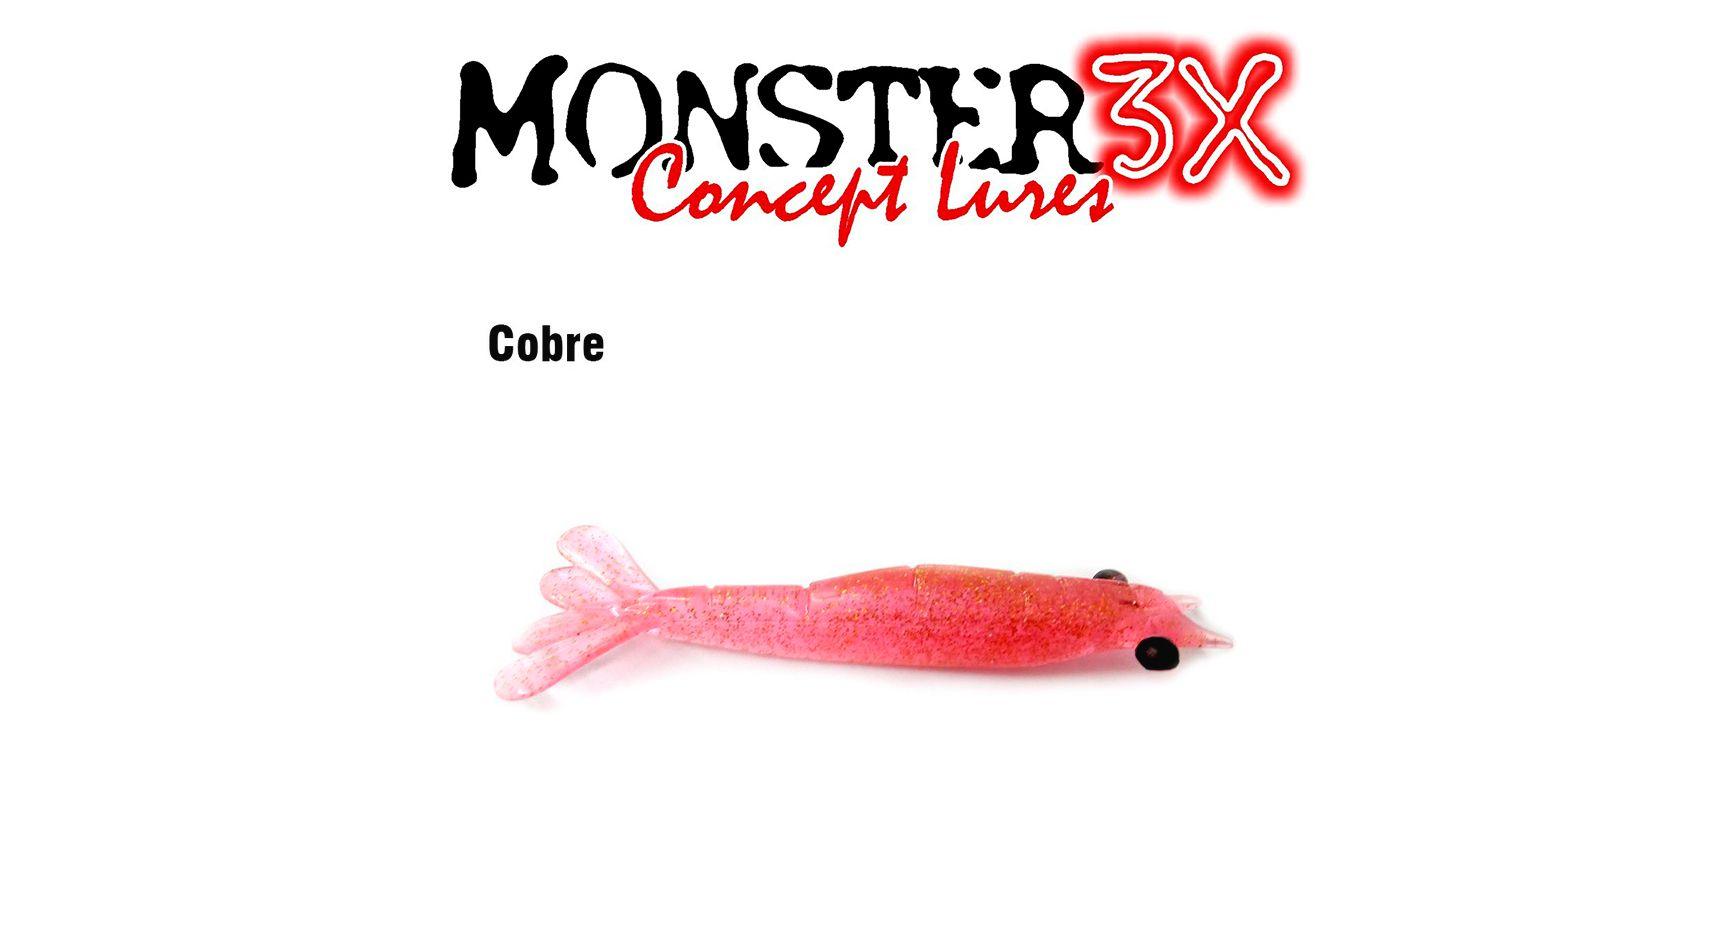 Isca Artificial Soft Monster 3X Ultra Soft (7,5 cm) 3 Unidades - Várias Cores